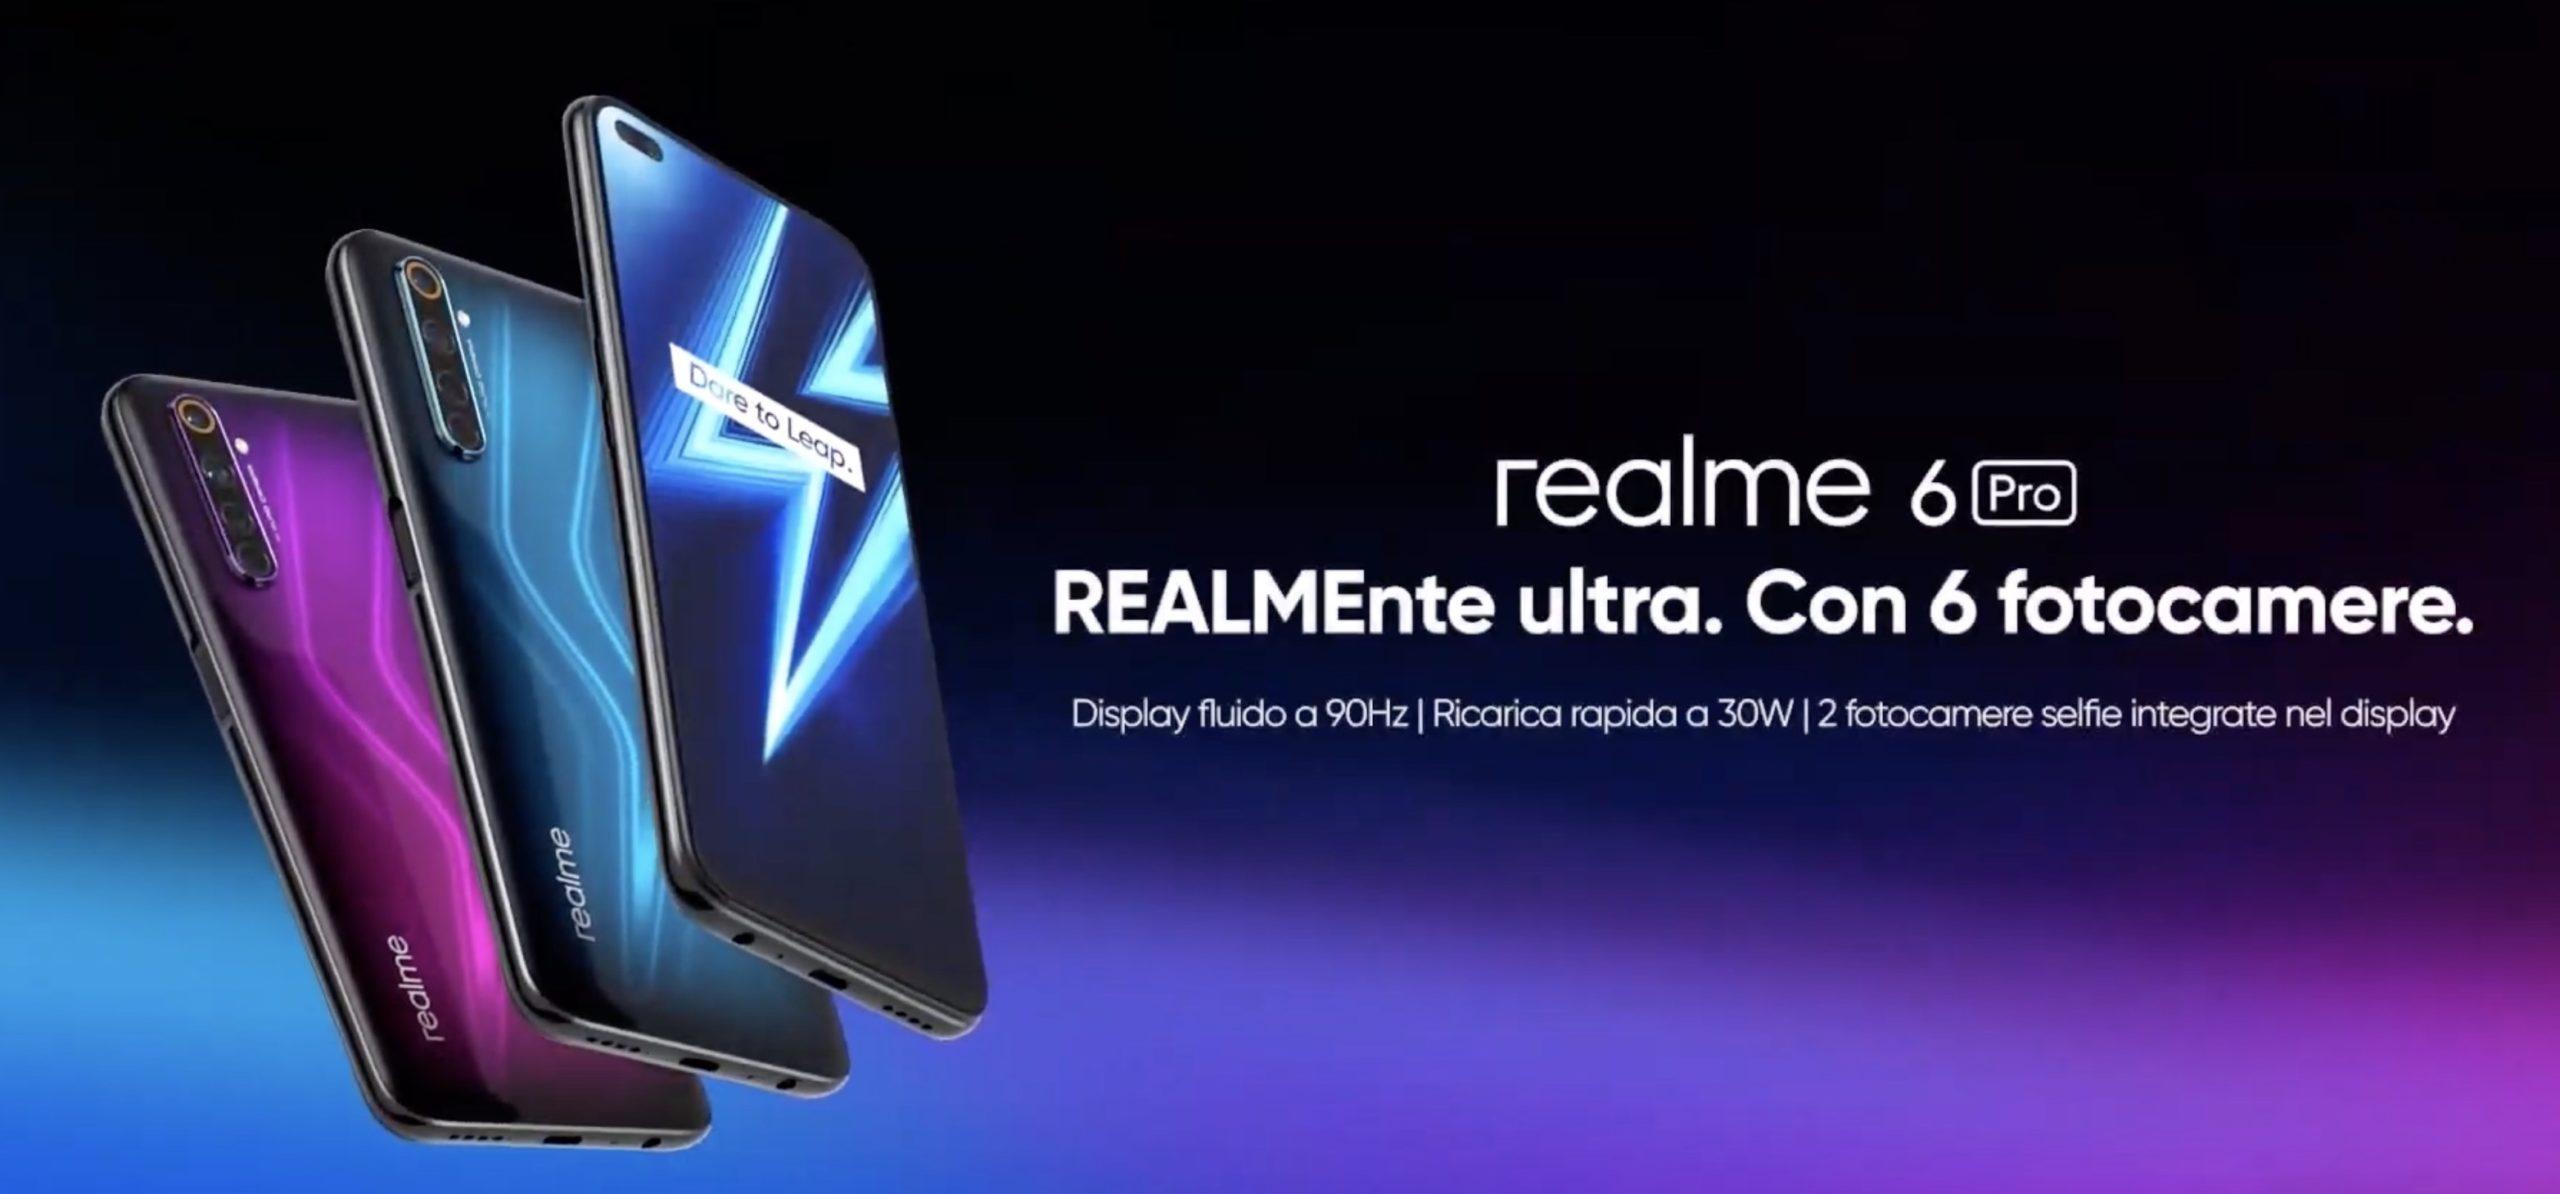 Realme 6 Pro e X50 Pro 5G ufficiali in Italia, disponibile a partire da oggi a 329 euro su Amazon